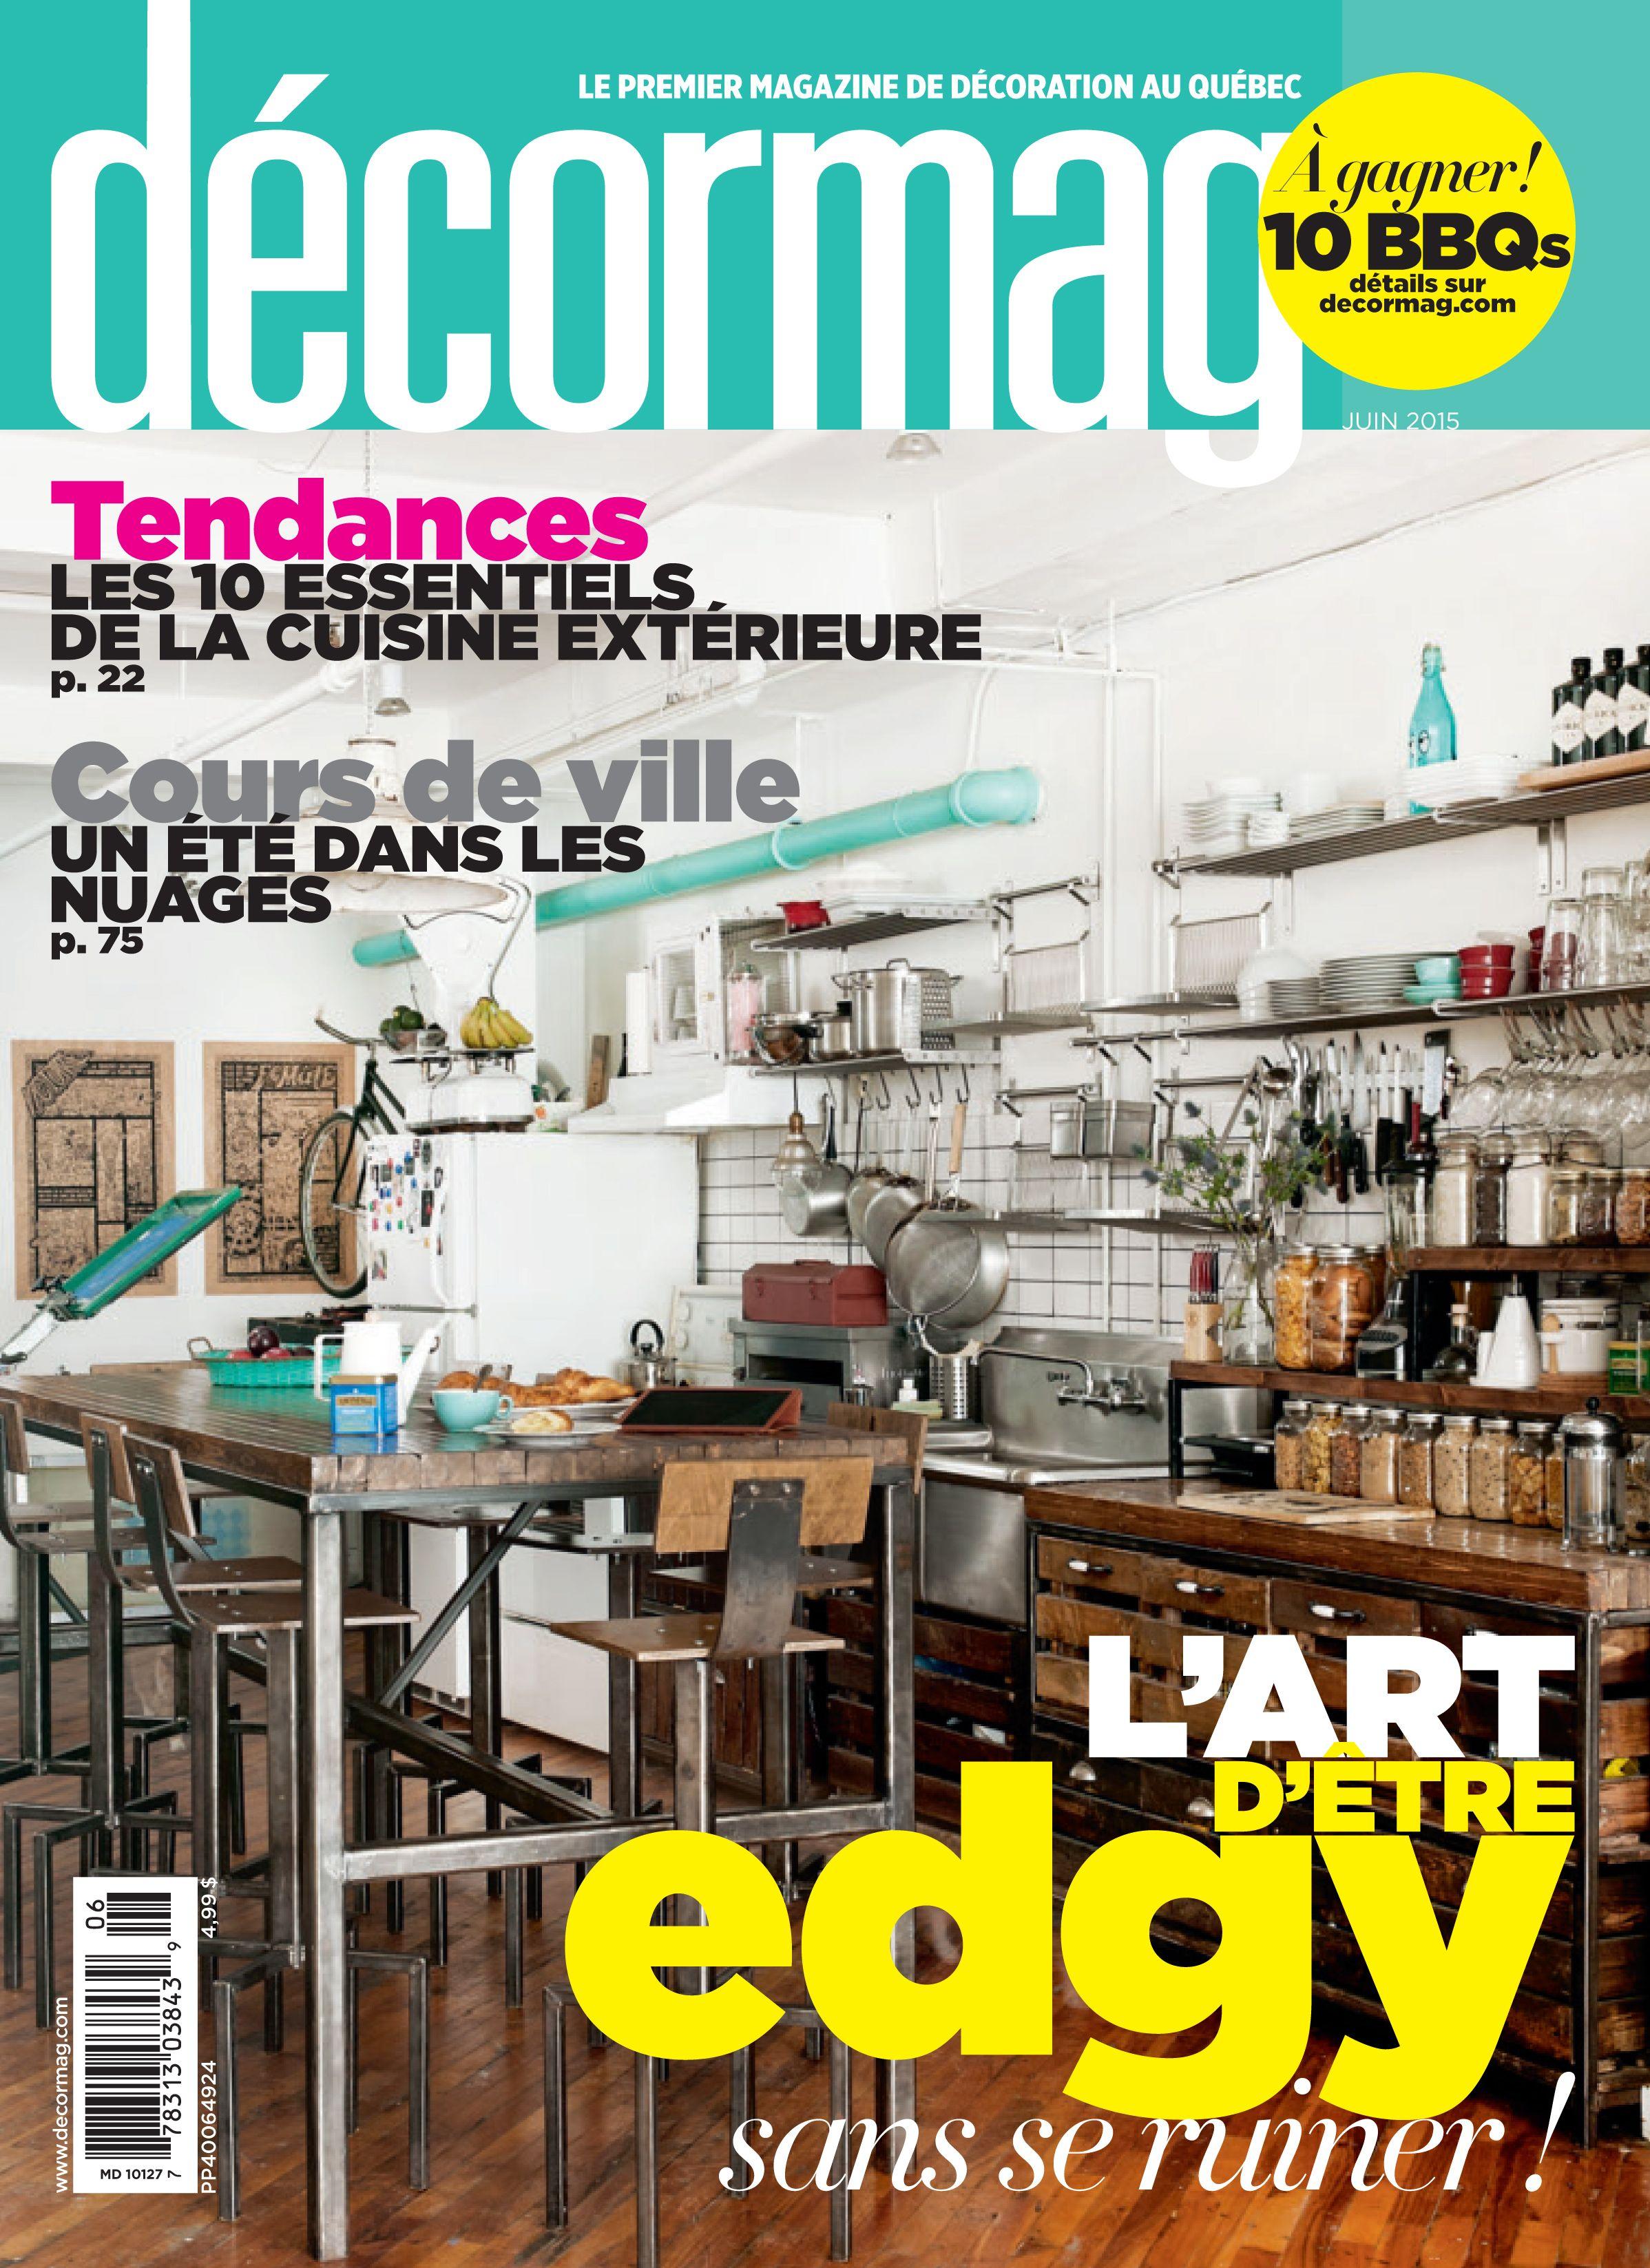 Magazine Juin 15 #deco edgy #cours urbaines #cuisine exterieure